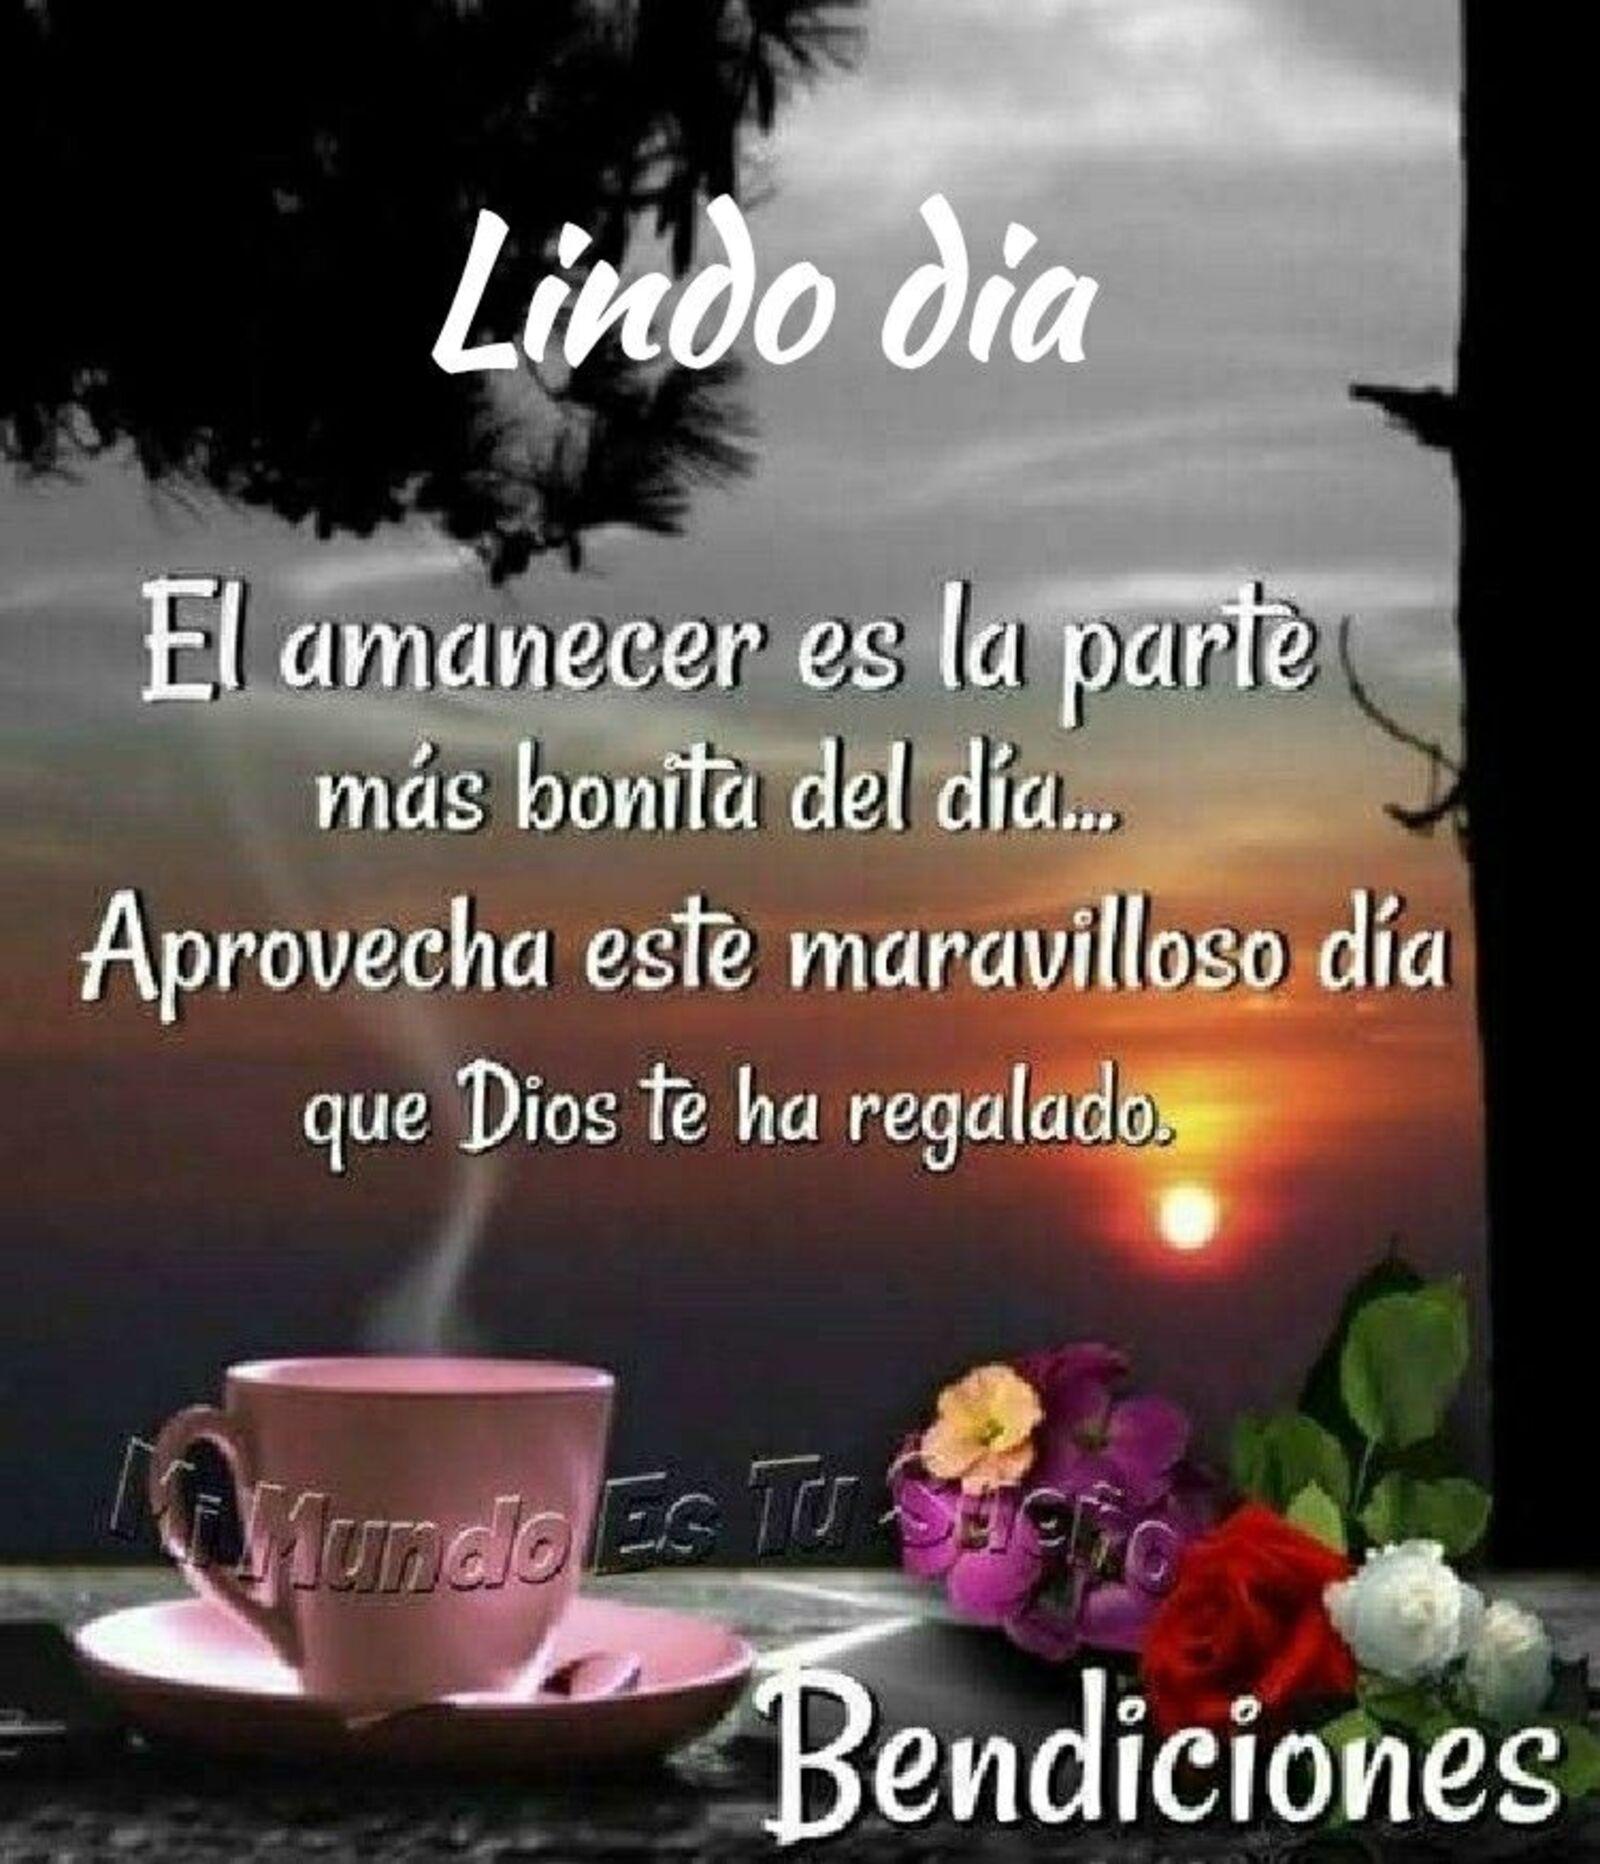 Lindo día el amanecer es la parte más bonita del día...Aprovecha este maravilloso día que Dios te ha regalado. Bendiciones